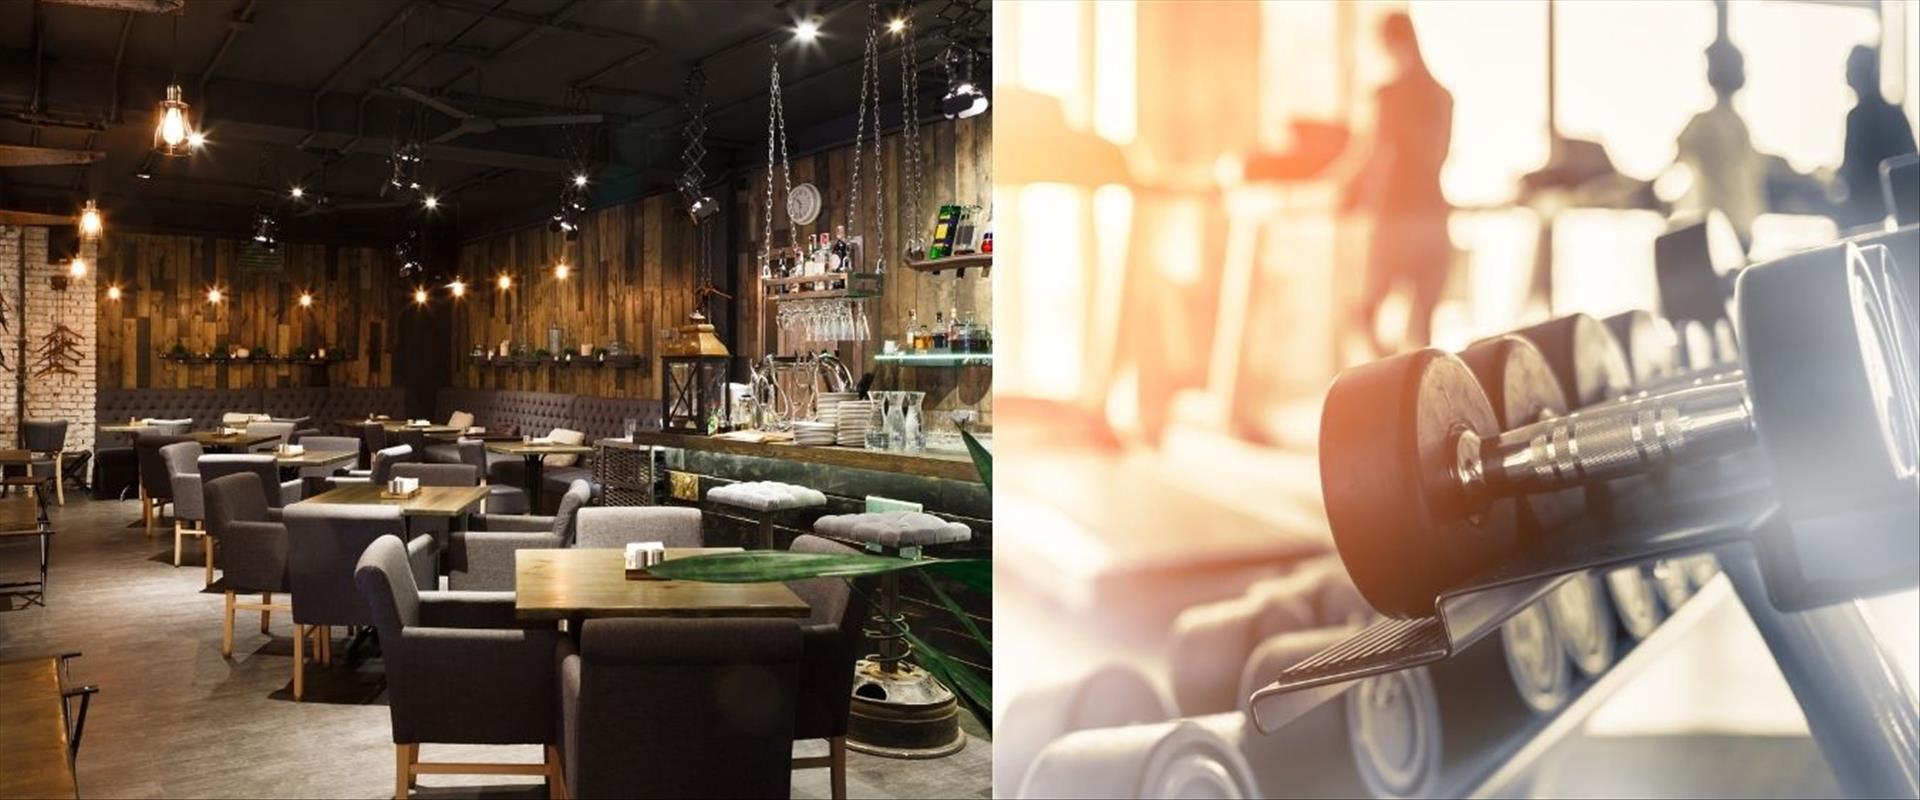 חדר כושר ומסעדה, בית קפה